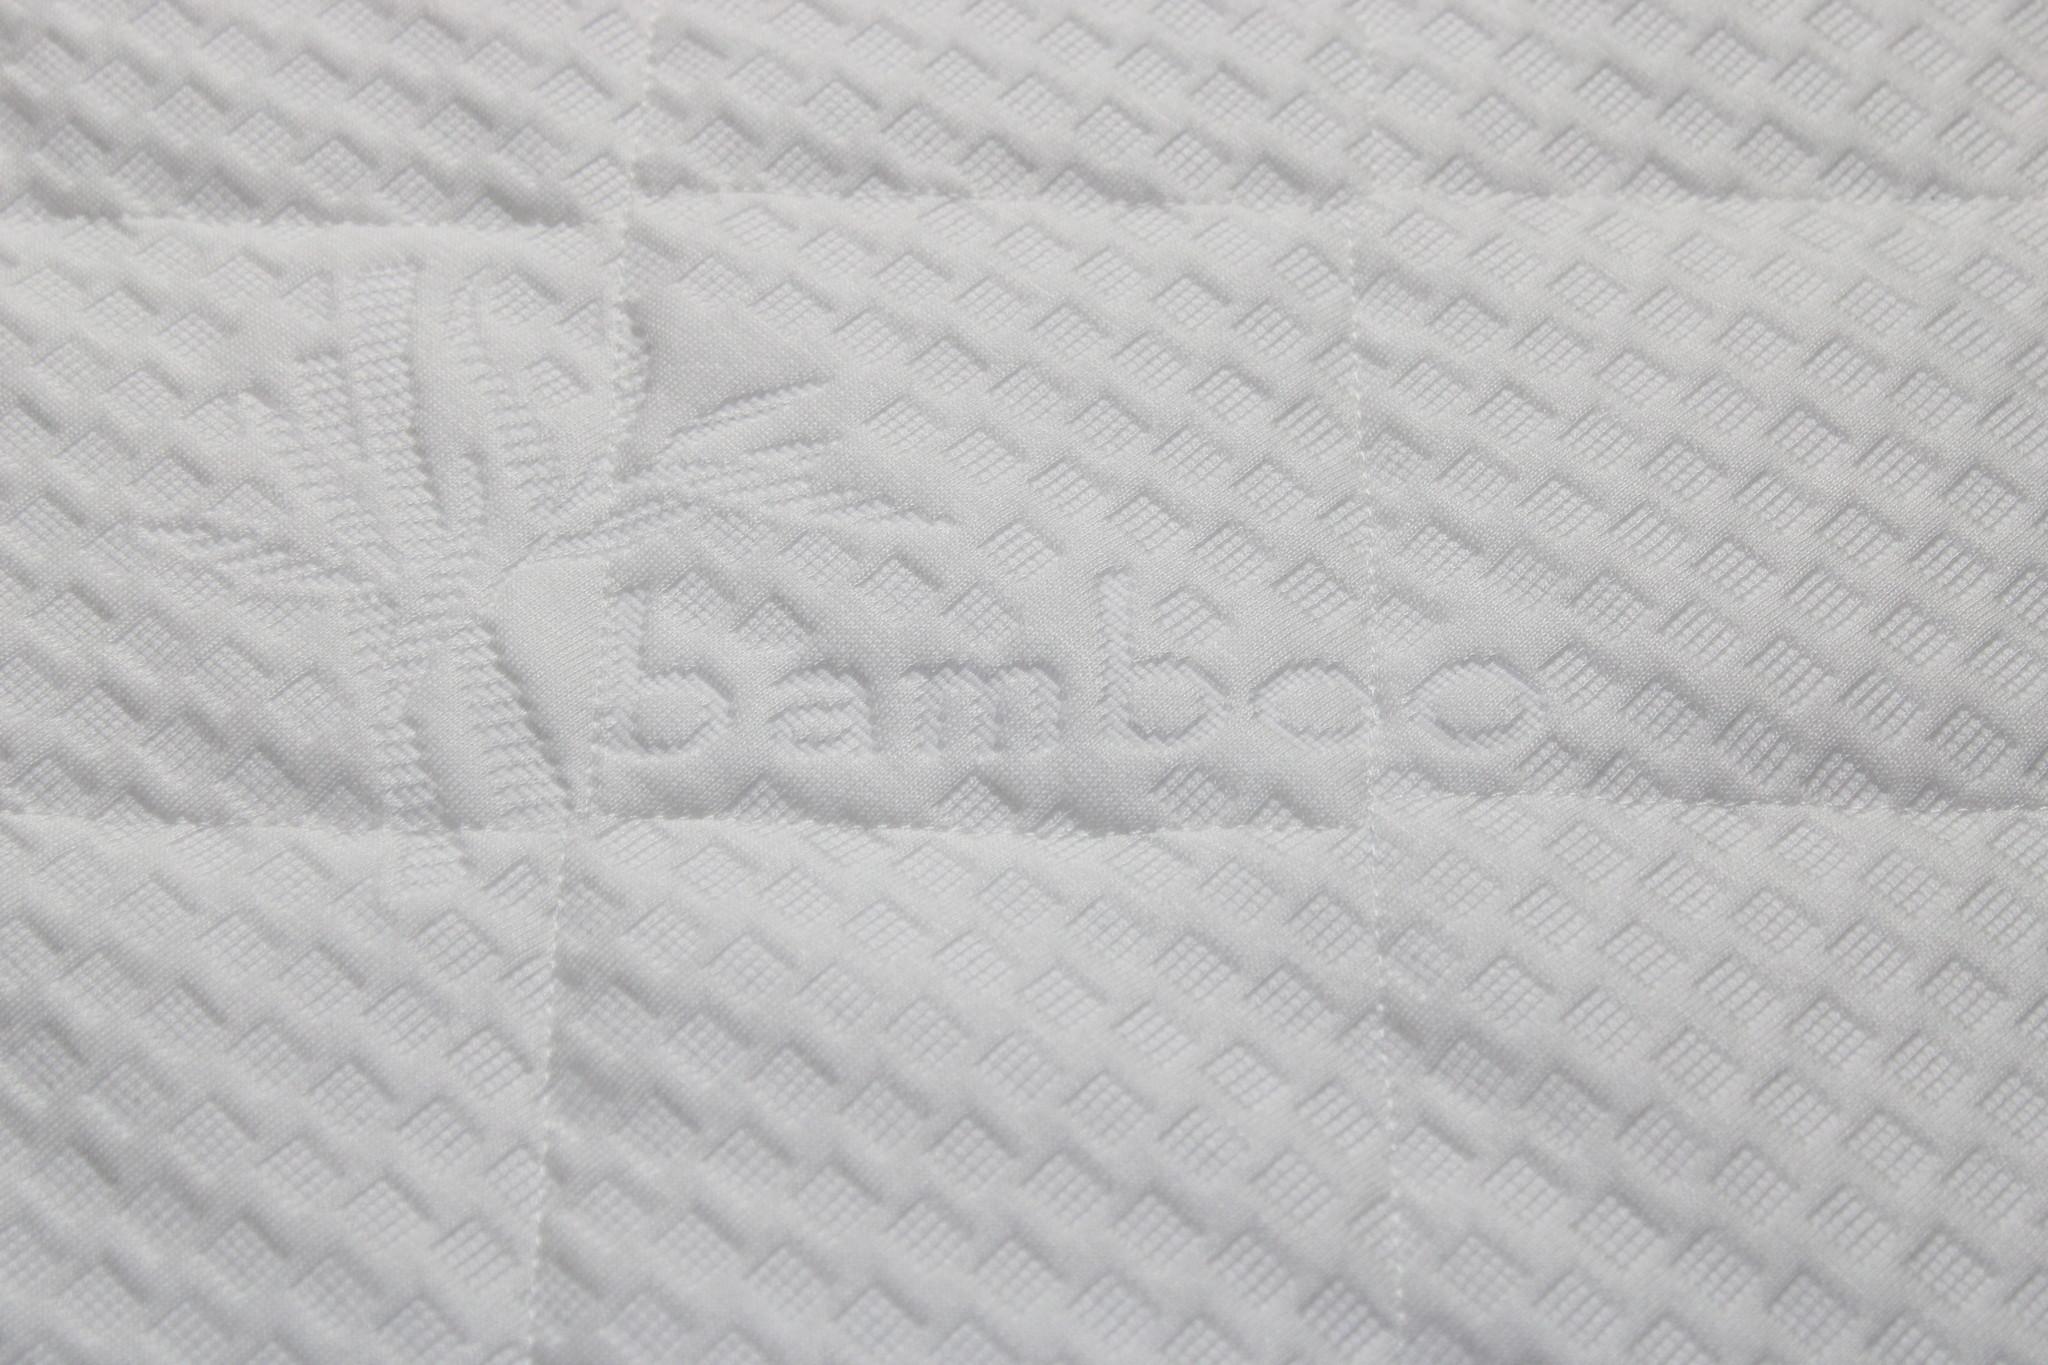 Sarpy Babymatras 60x120 koudschuim hr40 bamboo